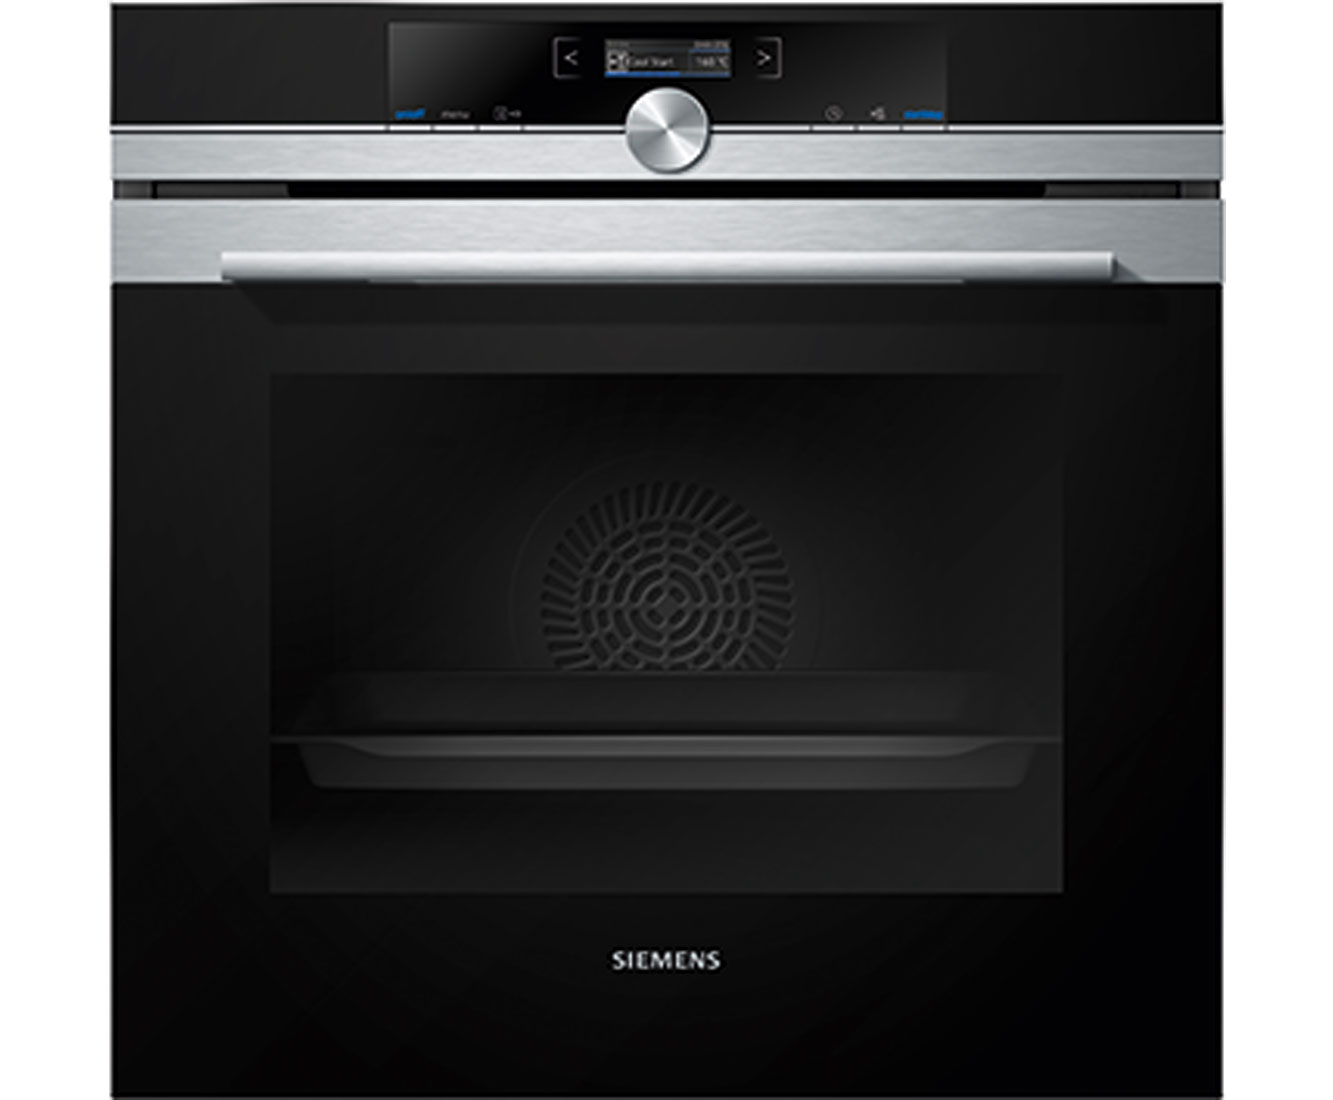 Siemens Kühlschrank Alarm Leuchtet : Siemens backofen a preisvergleich u die besten angebote online